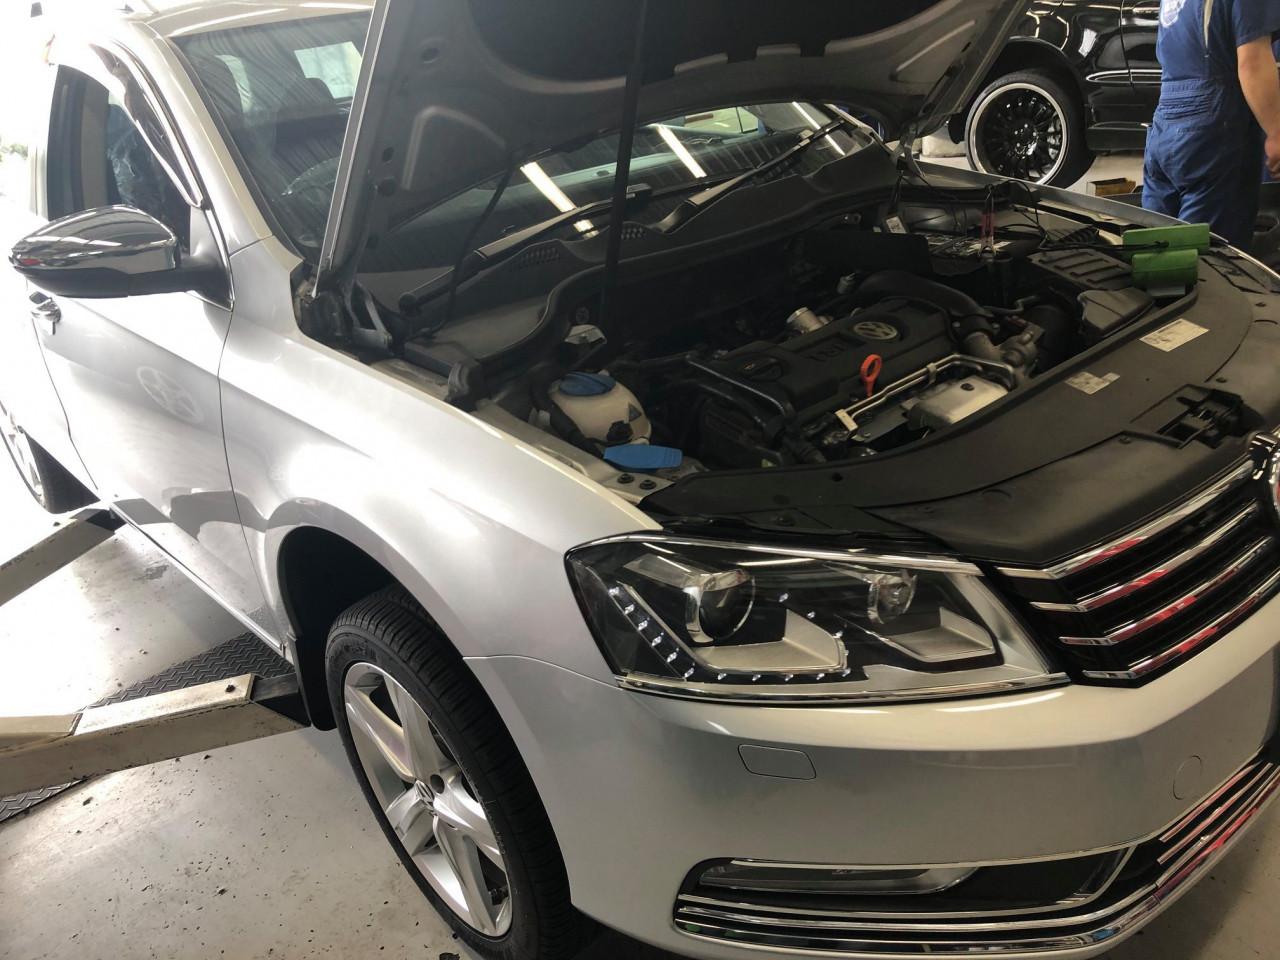 フォルクスワーゲンの車検費用とトラブルの傾向とは? サムネイル画像`